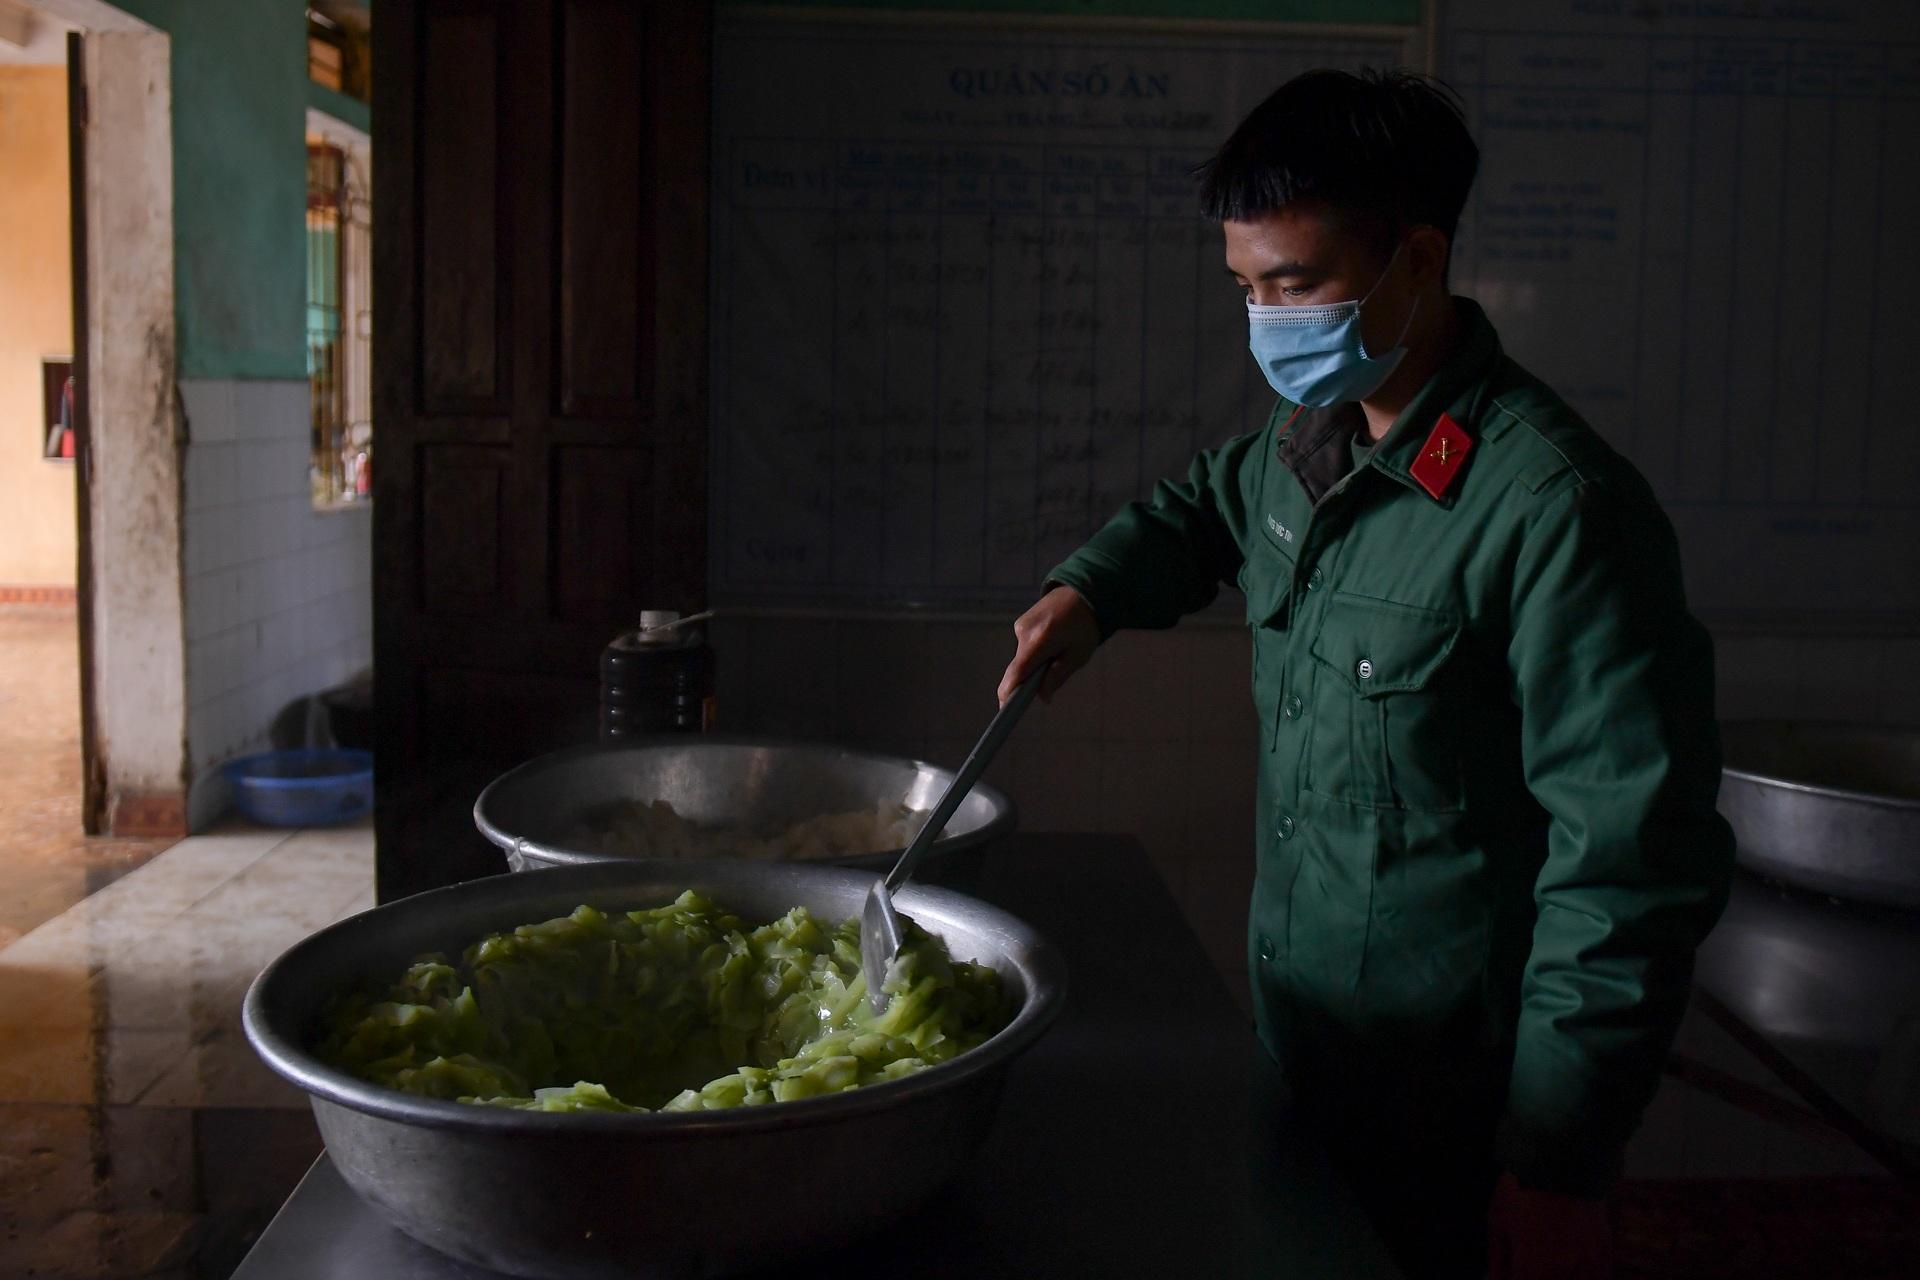 Chiến sĩ vội vã chuẩn bị hàng trăm suất cơm trong khu cách ly tại Lạng Sơn - 11